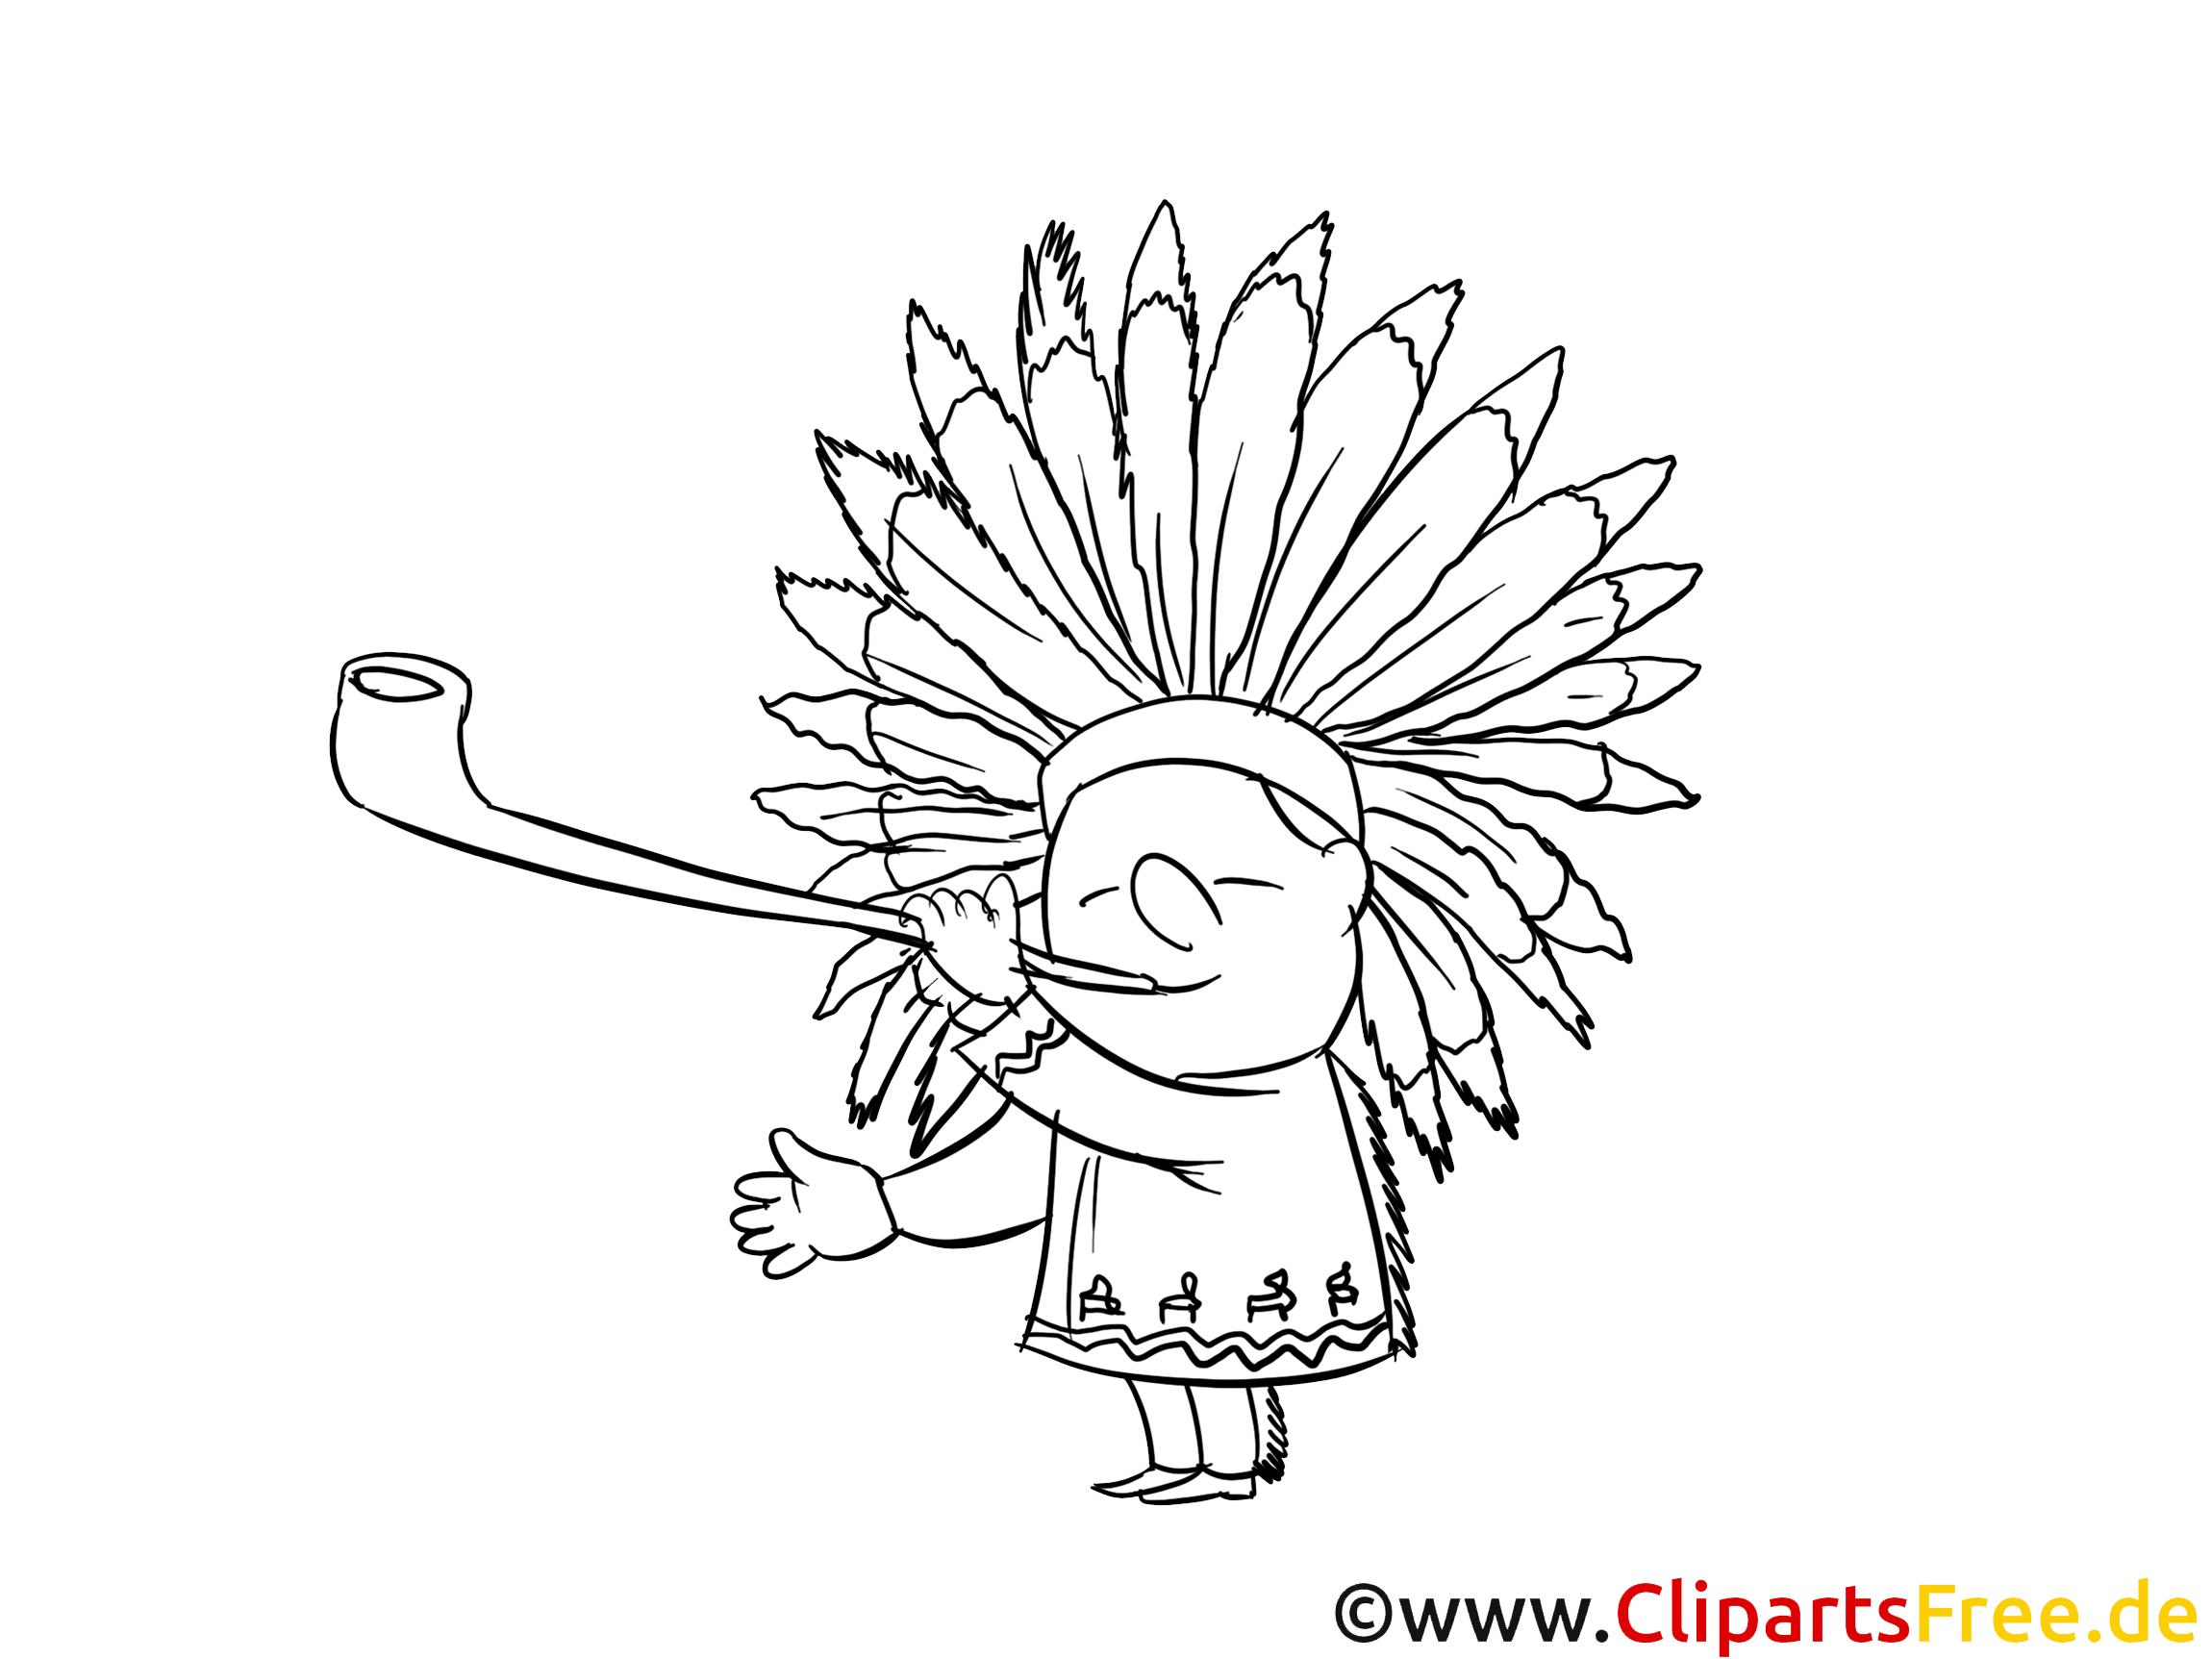 indianer nordamerikas malvorlagen kostenlos